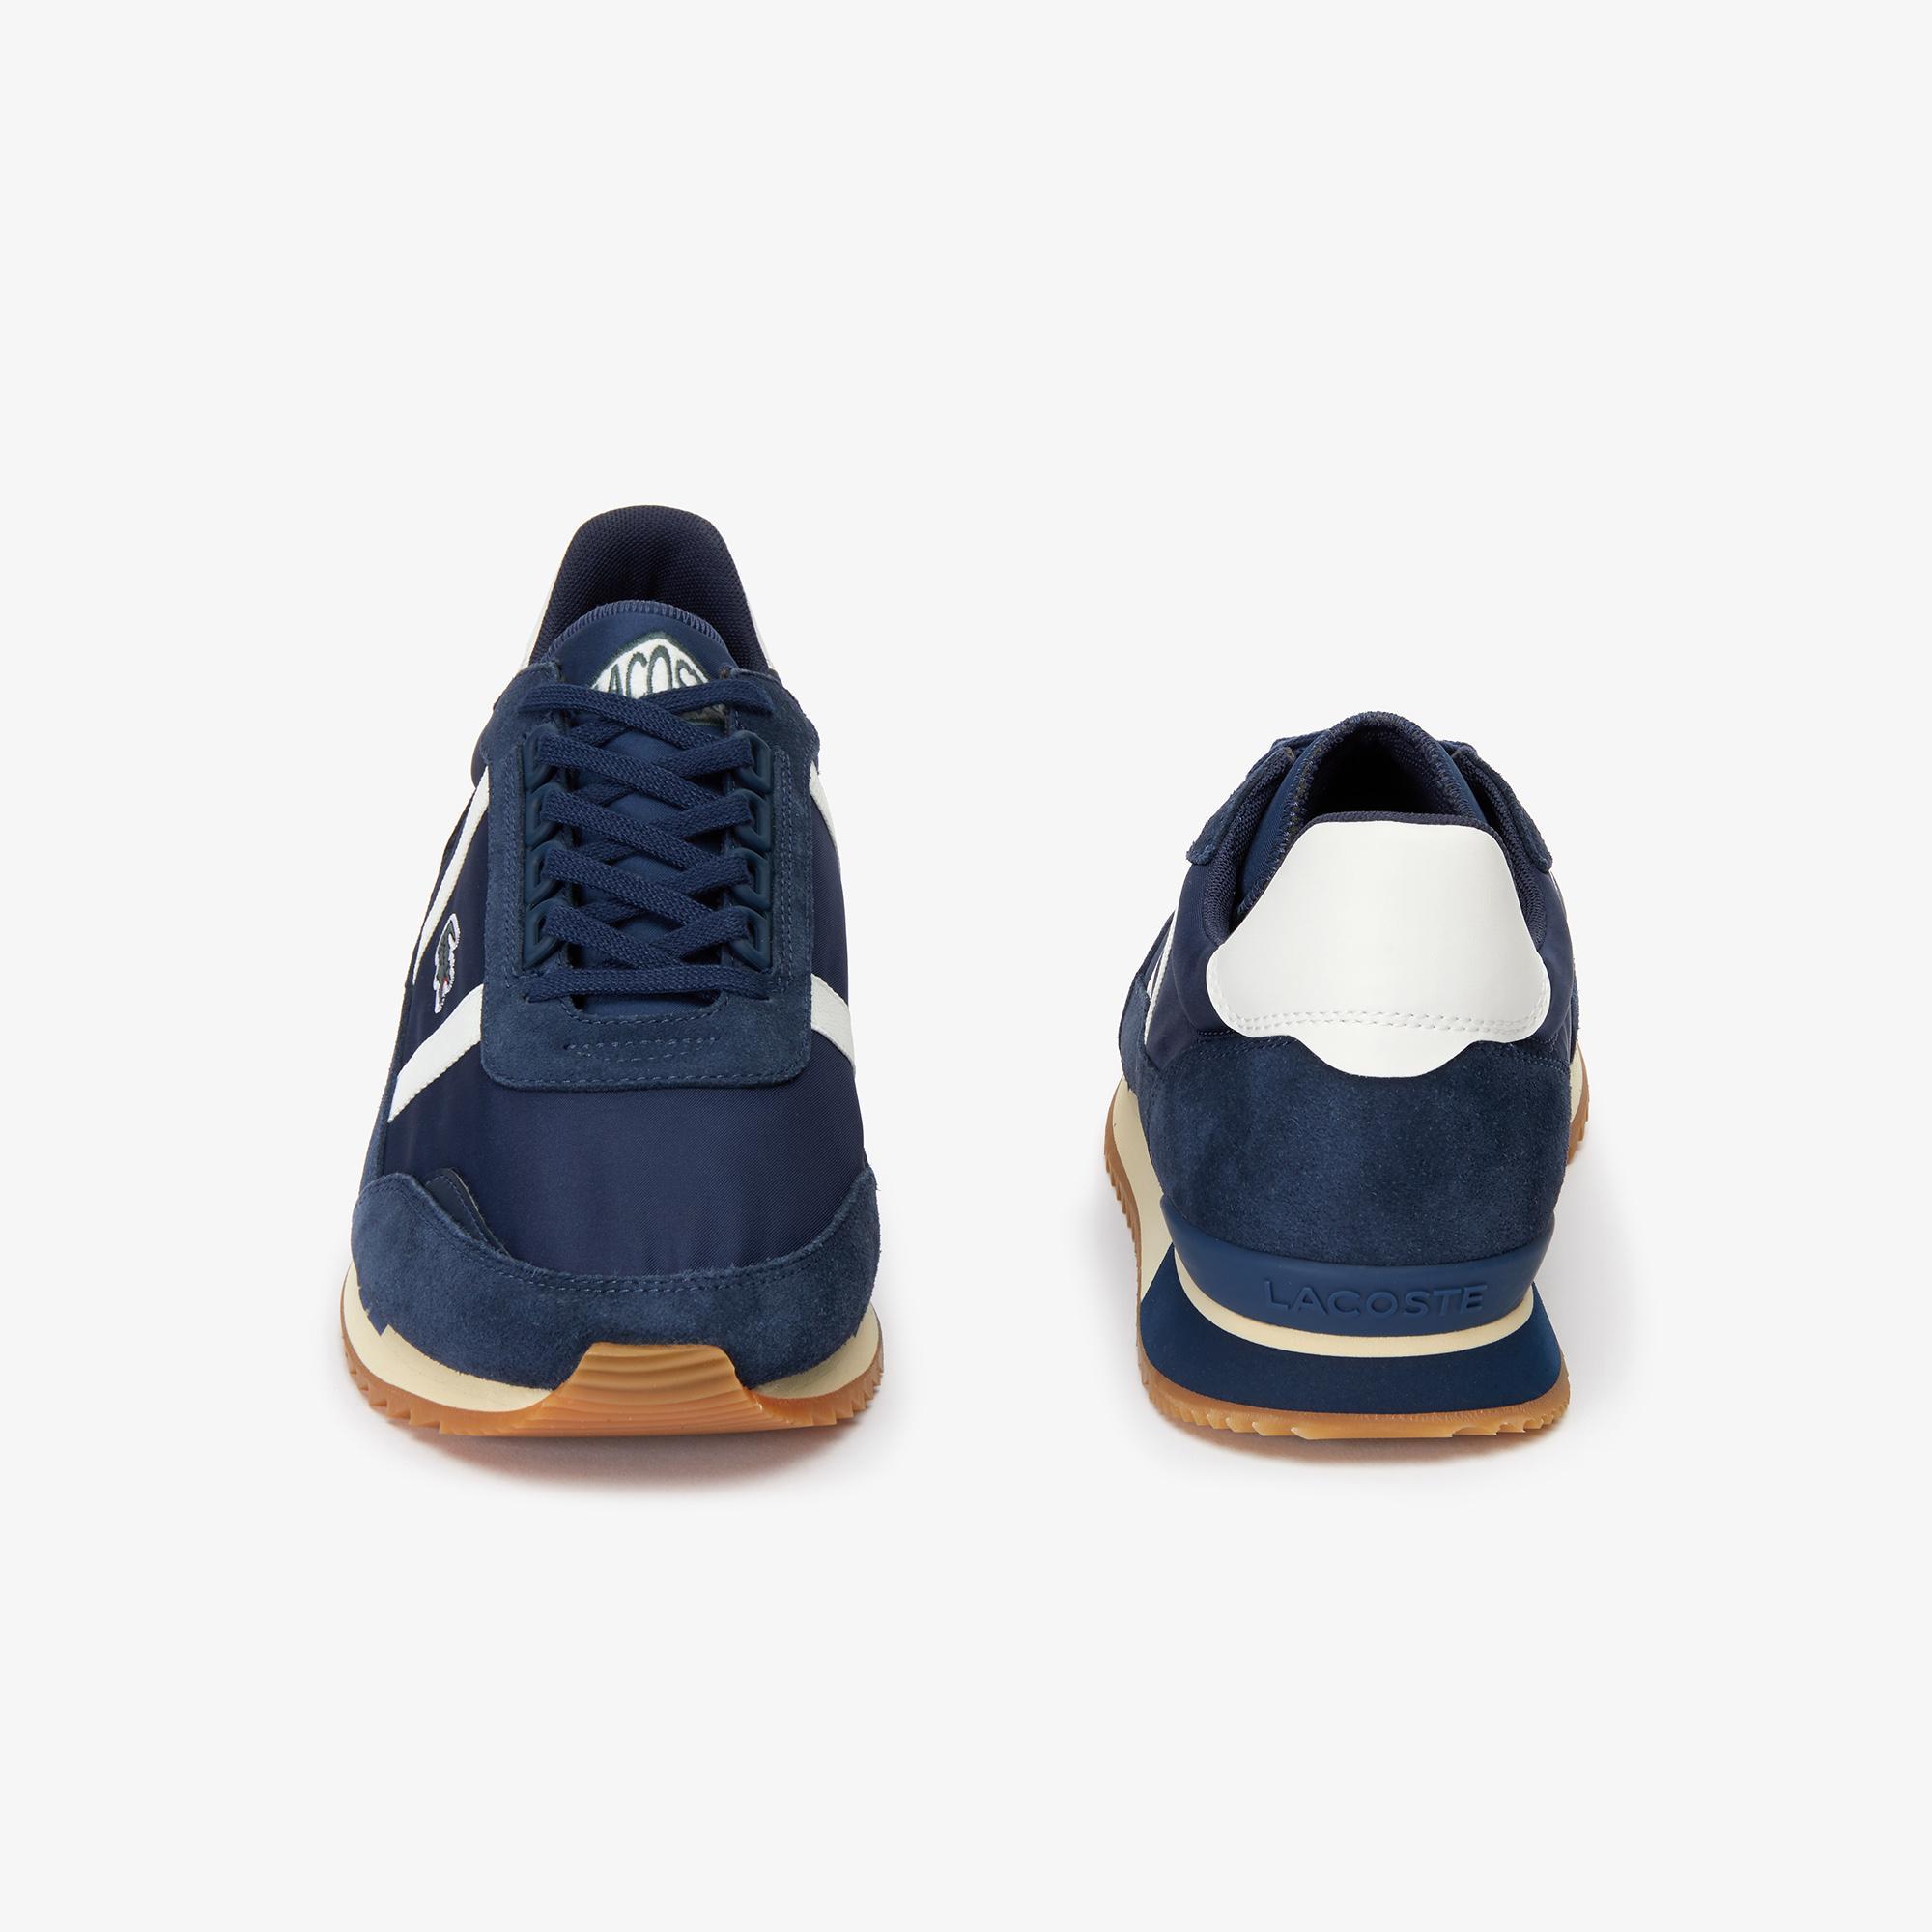 Lacoste Partner Retro 319 1 Sma Erkek Lacivert - Beyaz Ayakkabı